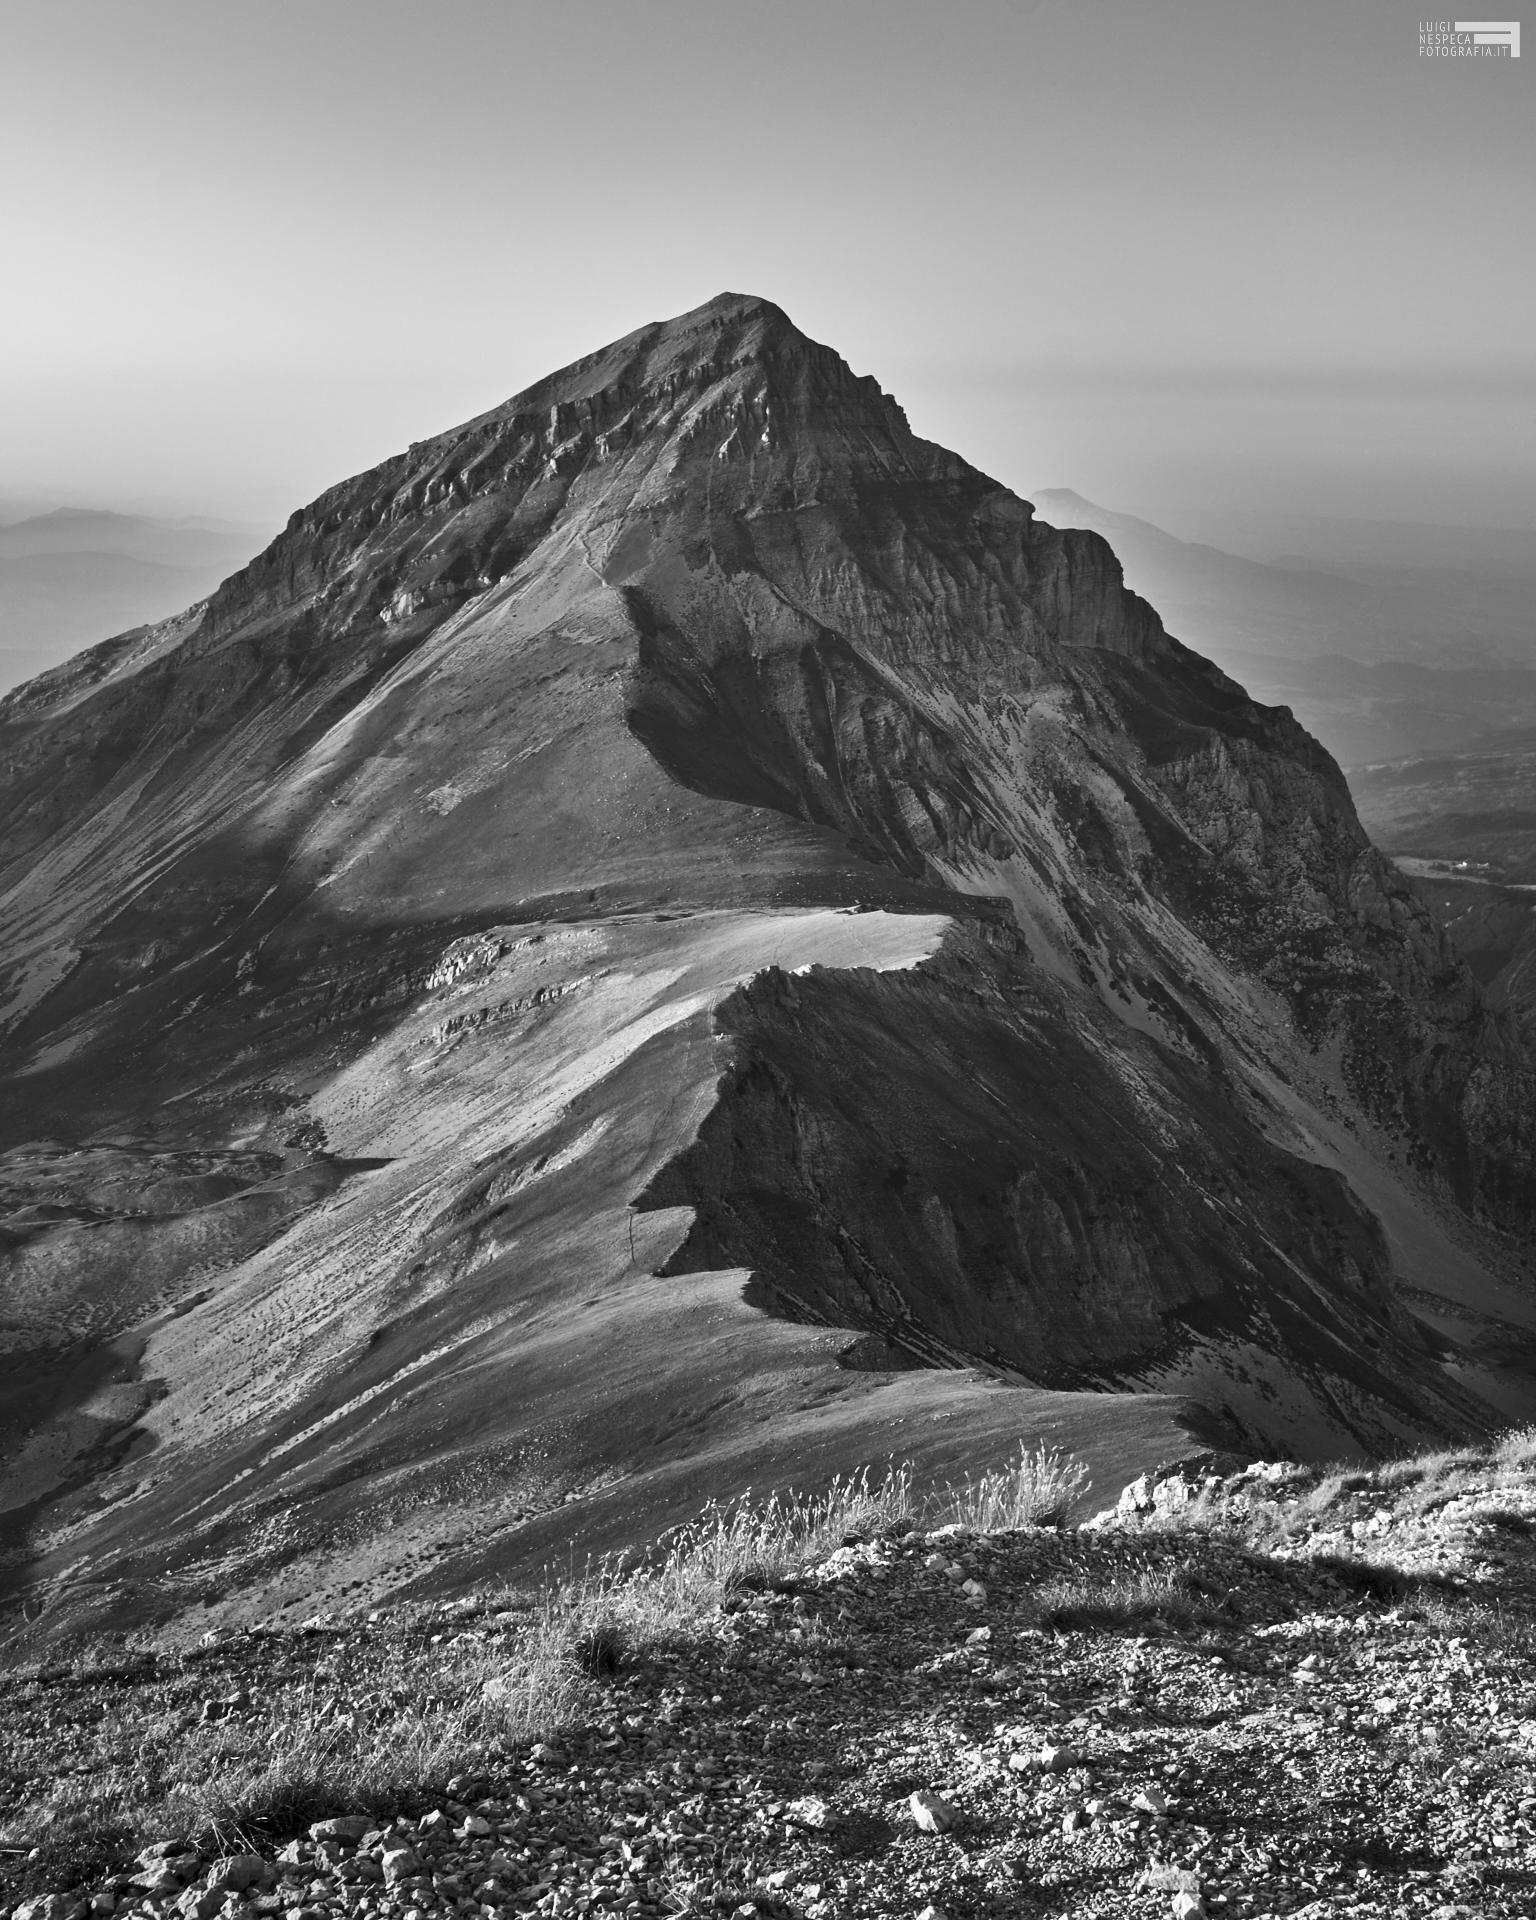 Agosto 2021 - dalla vetta del Pizzo Cefalone versa cresta del Pizzo Intermesoli